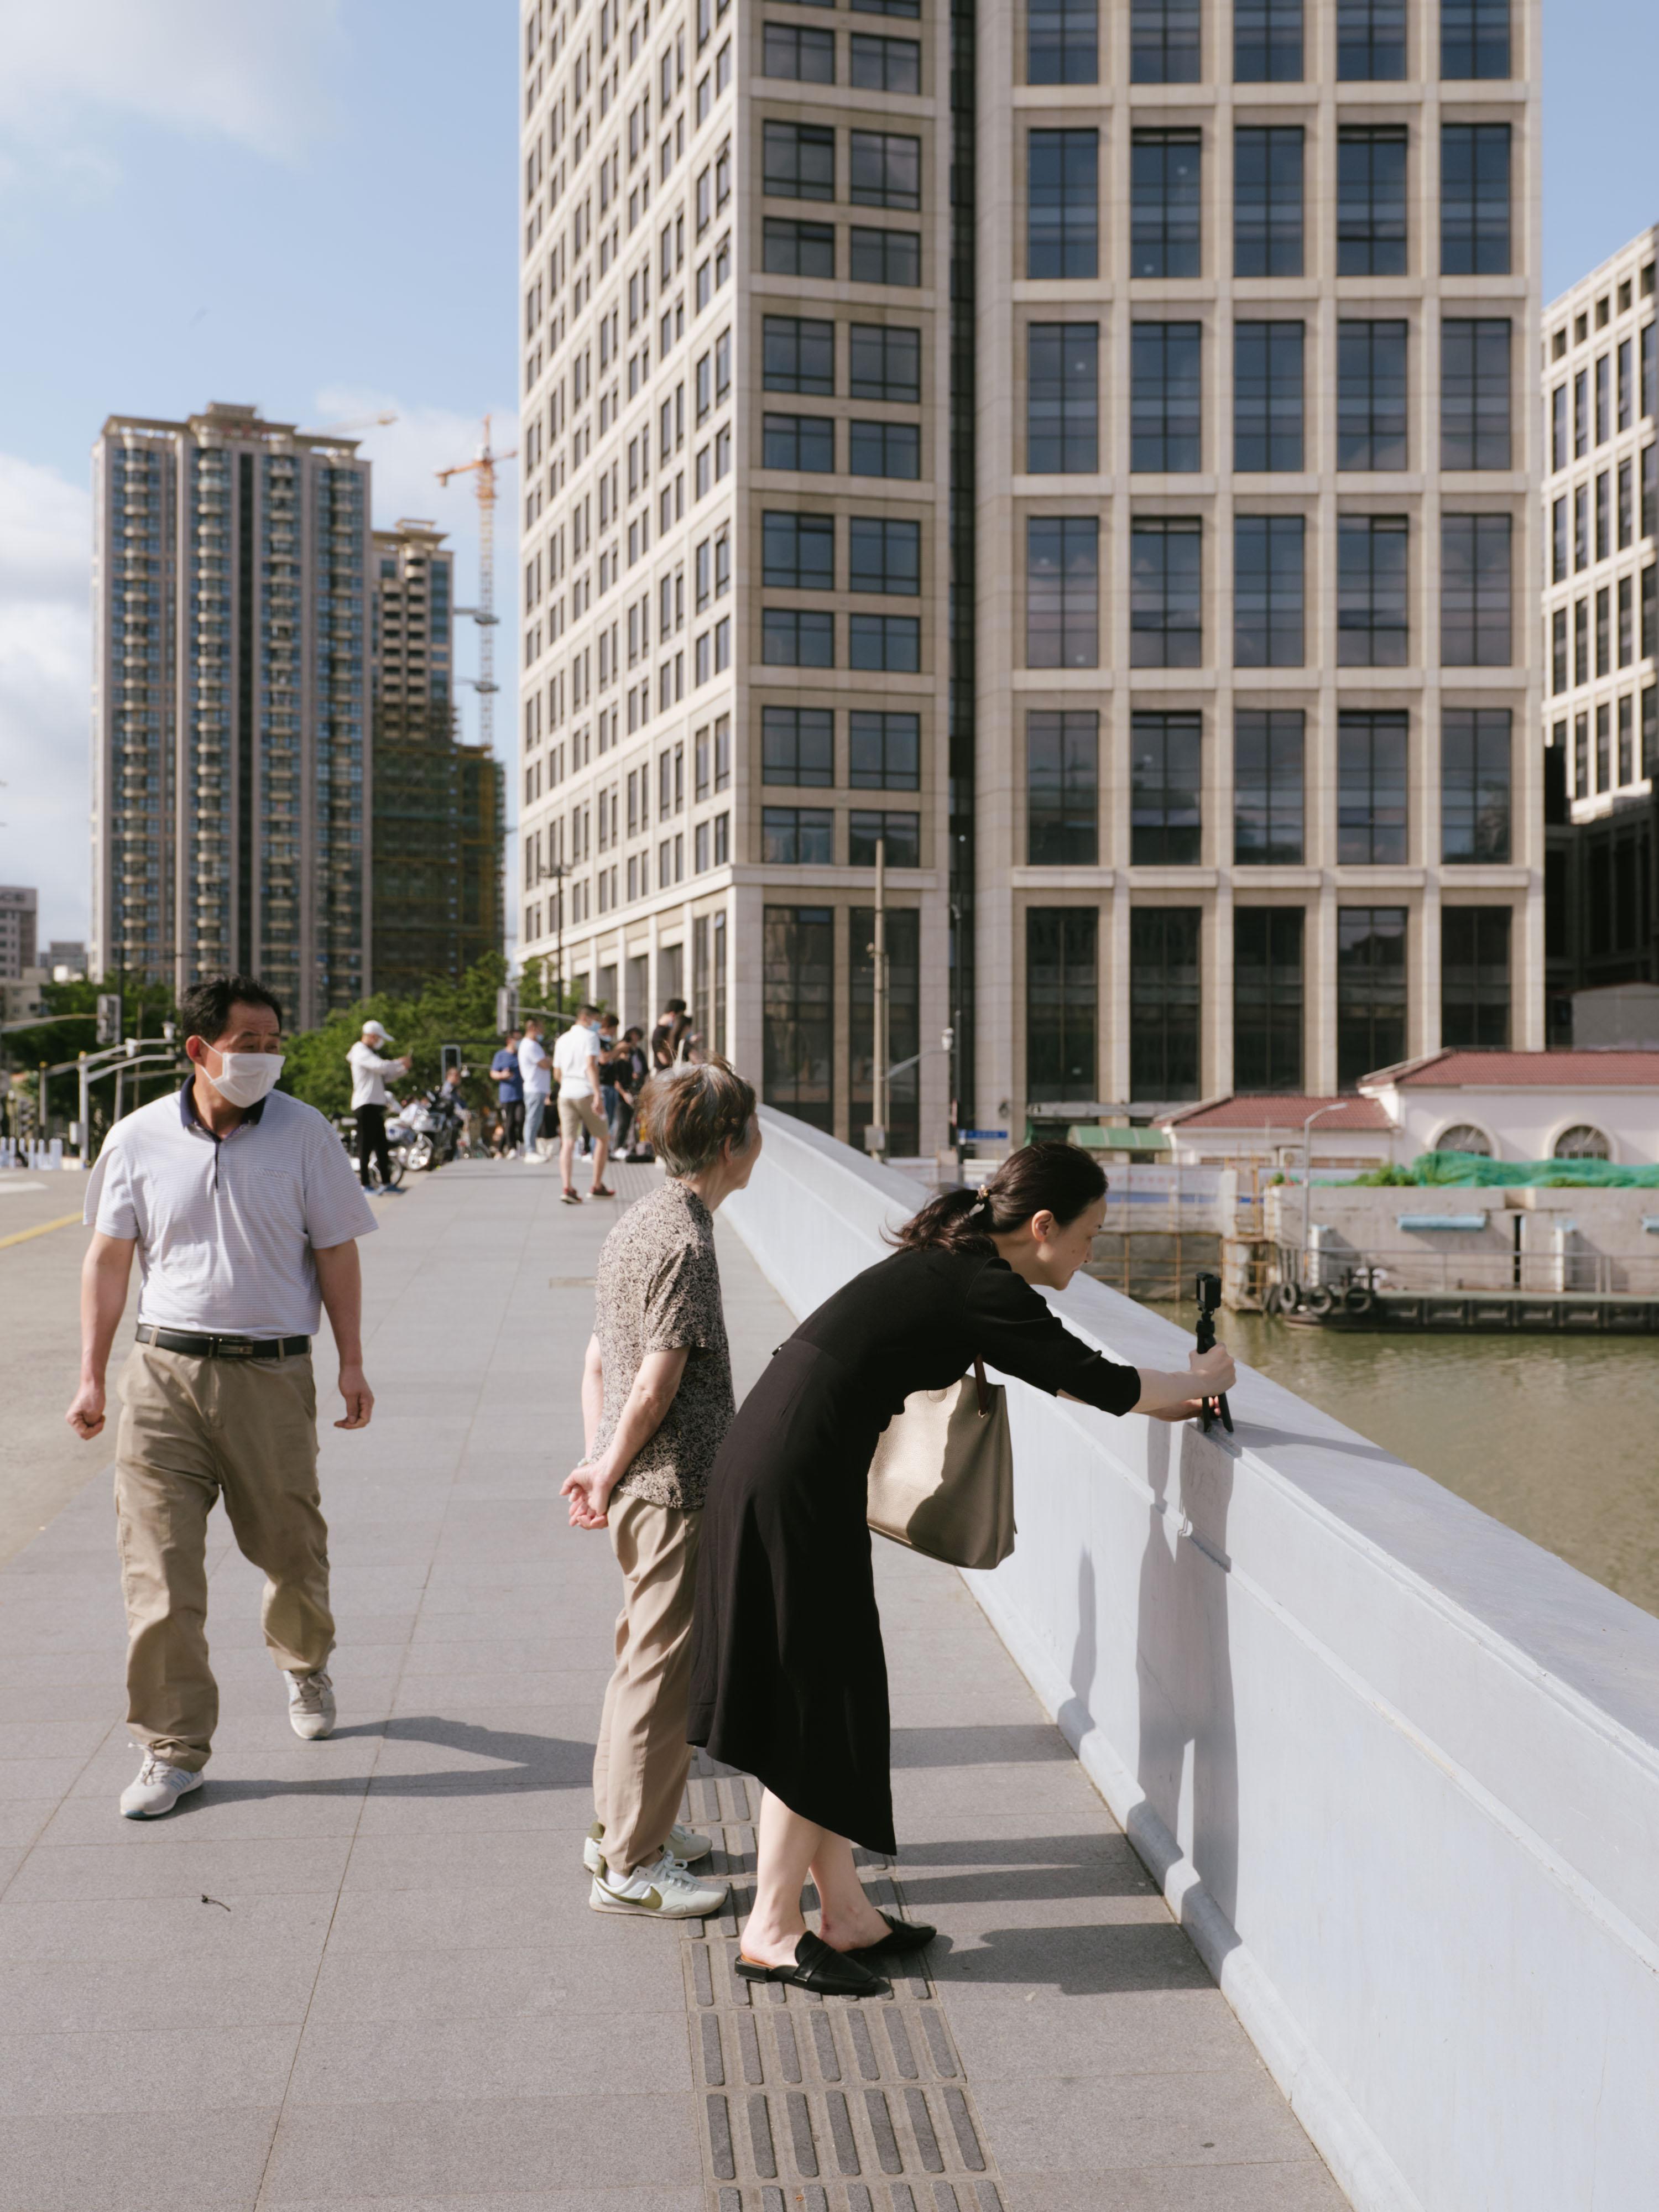 乍浦路桥上有不少人停留,对着东方明珠的方向留影纪念。 澎湃新闻记者 周平浪 图